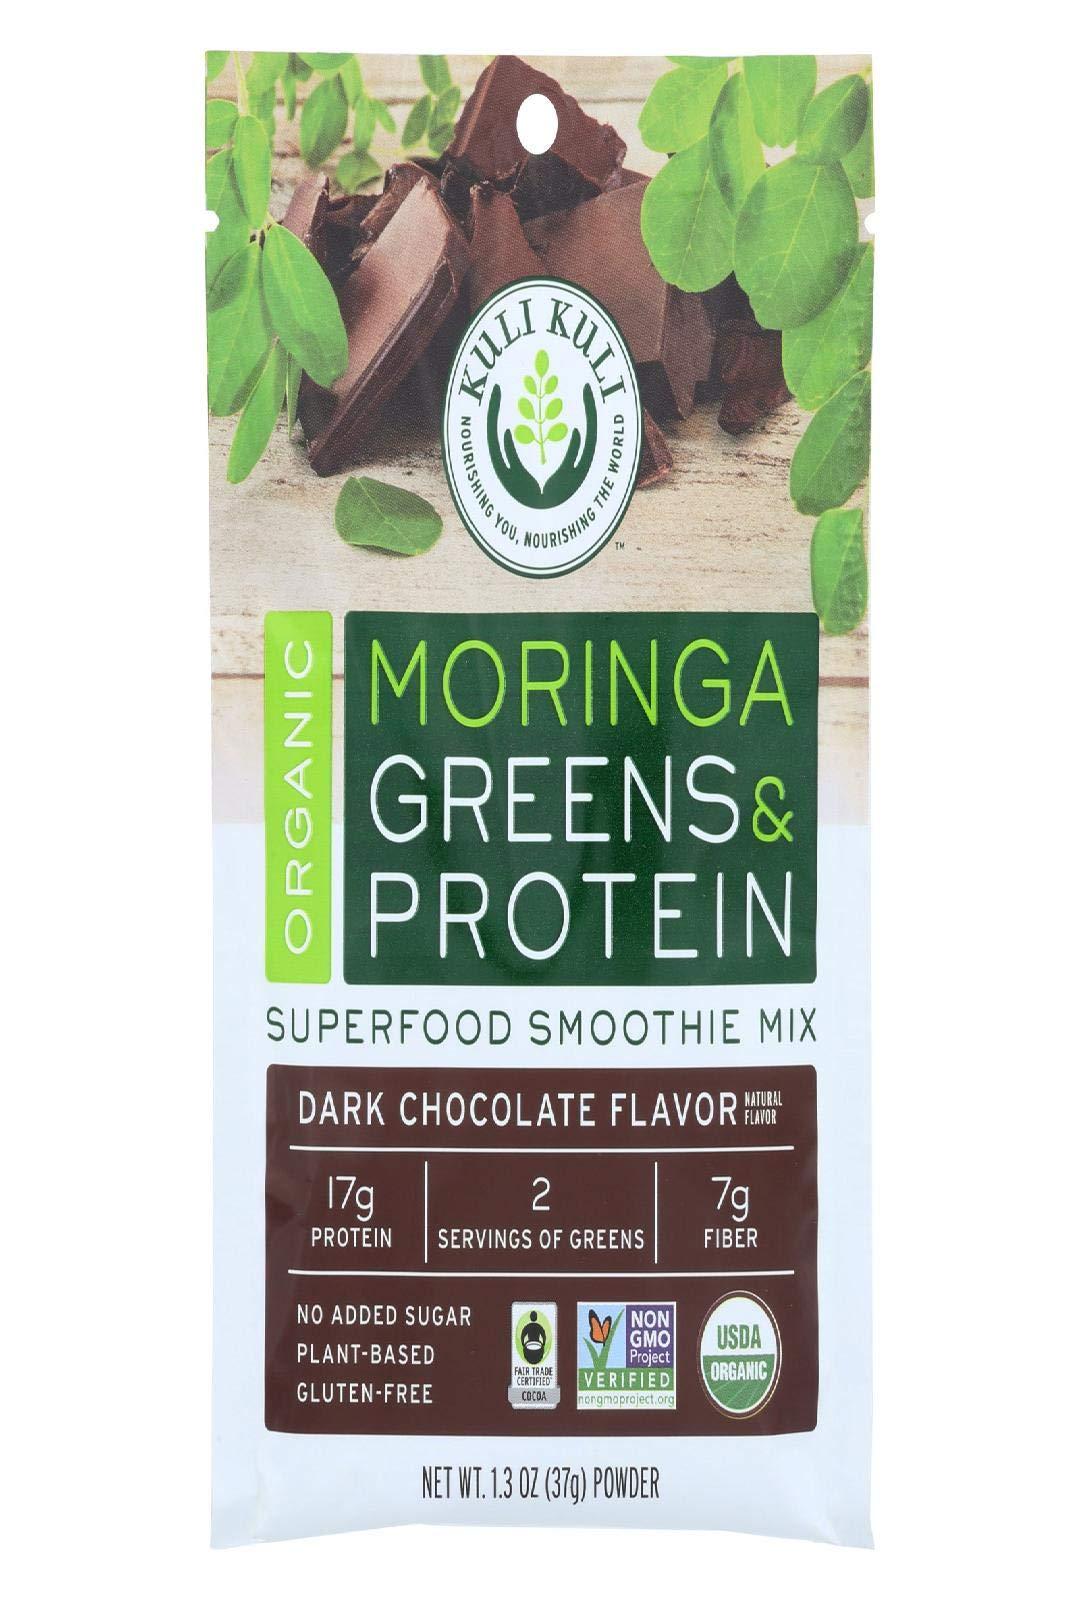 Kuli Kuli Mo Moringa Greens & Parton Dark Chocolate, 1.30 oz